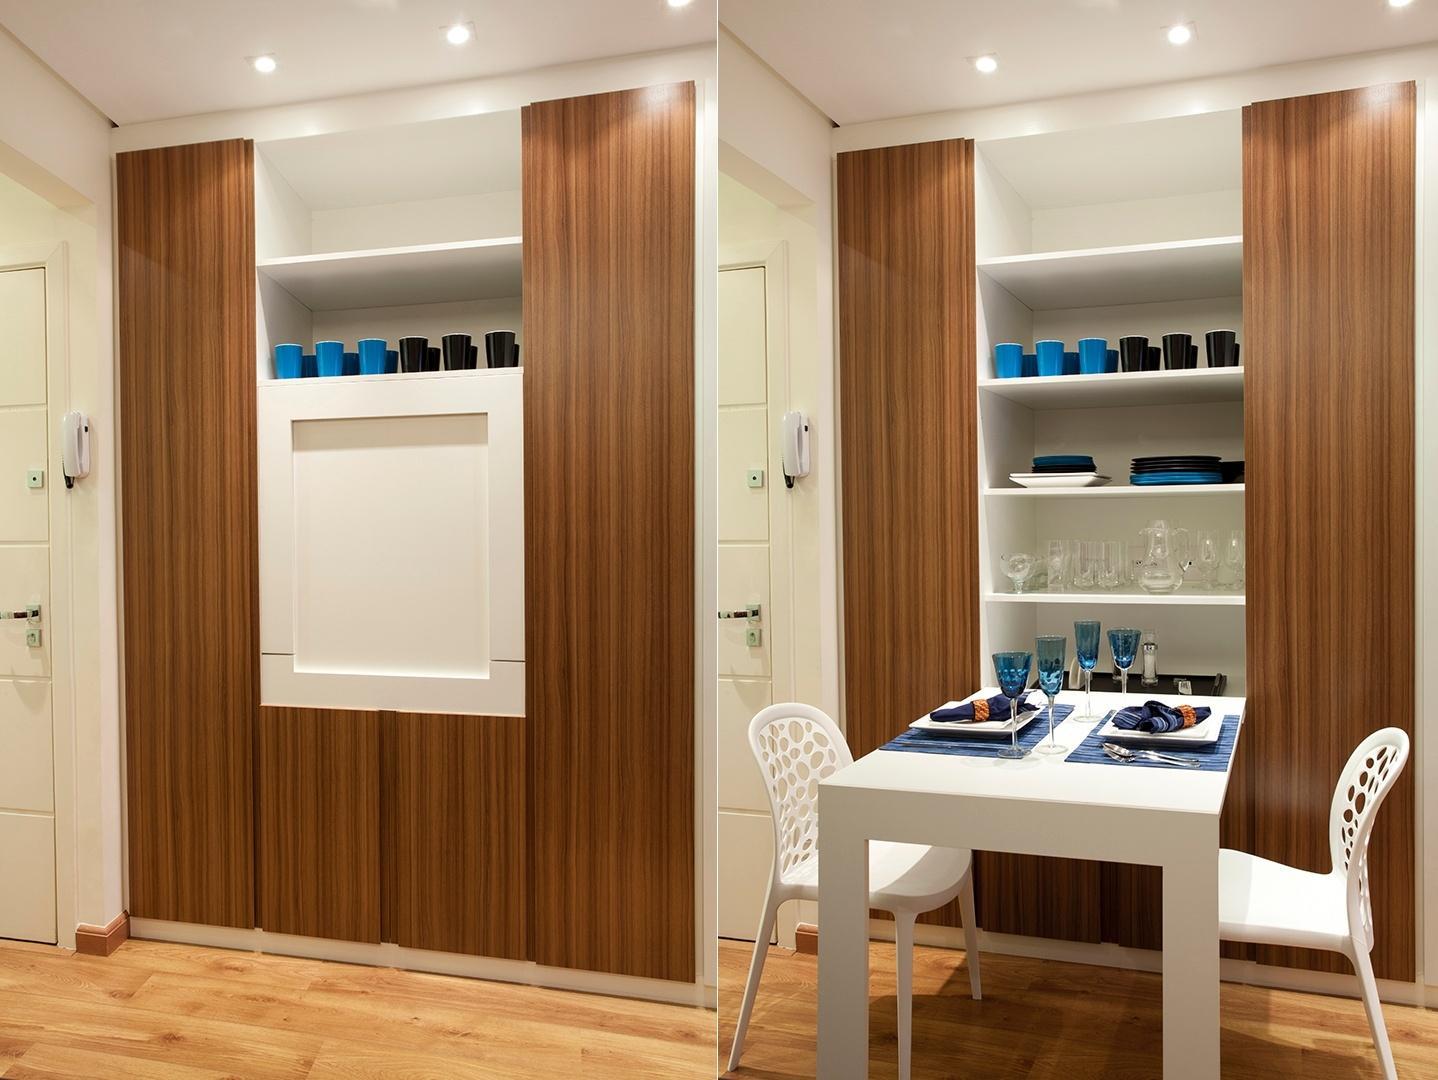 Armario De Cozinha Que Vira Mesa # Beyato com> Vários desenhos sobre idéias de design de cozinha